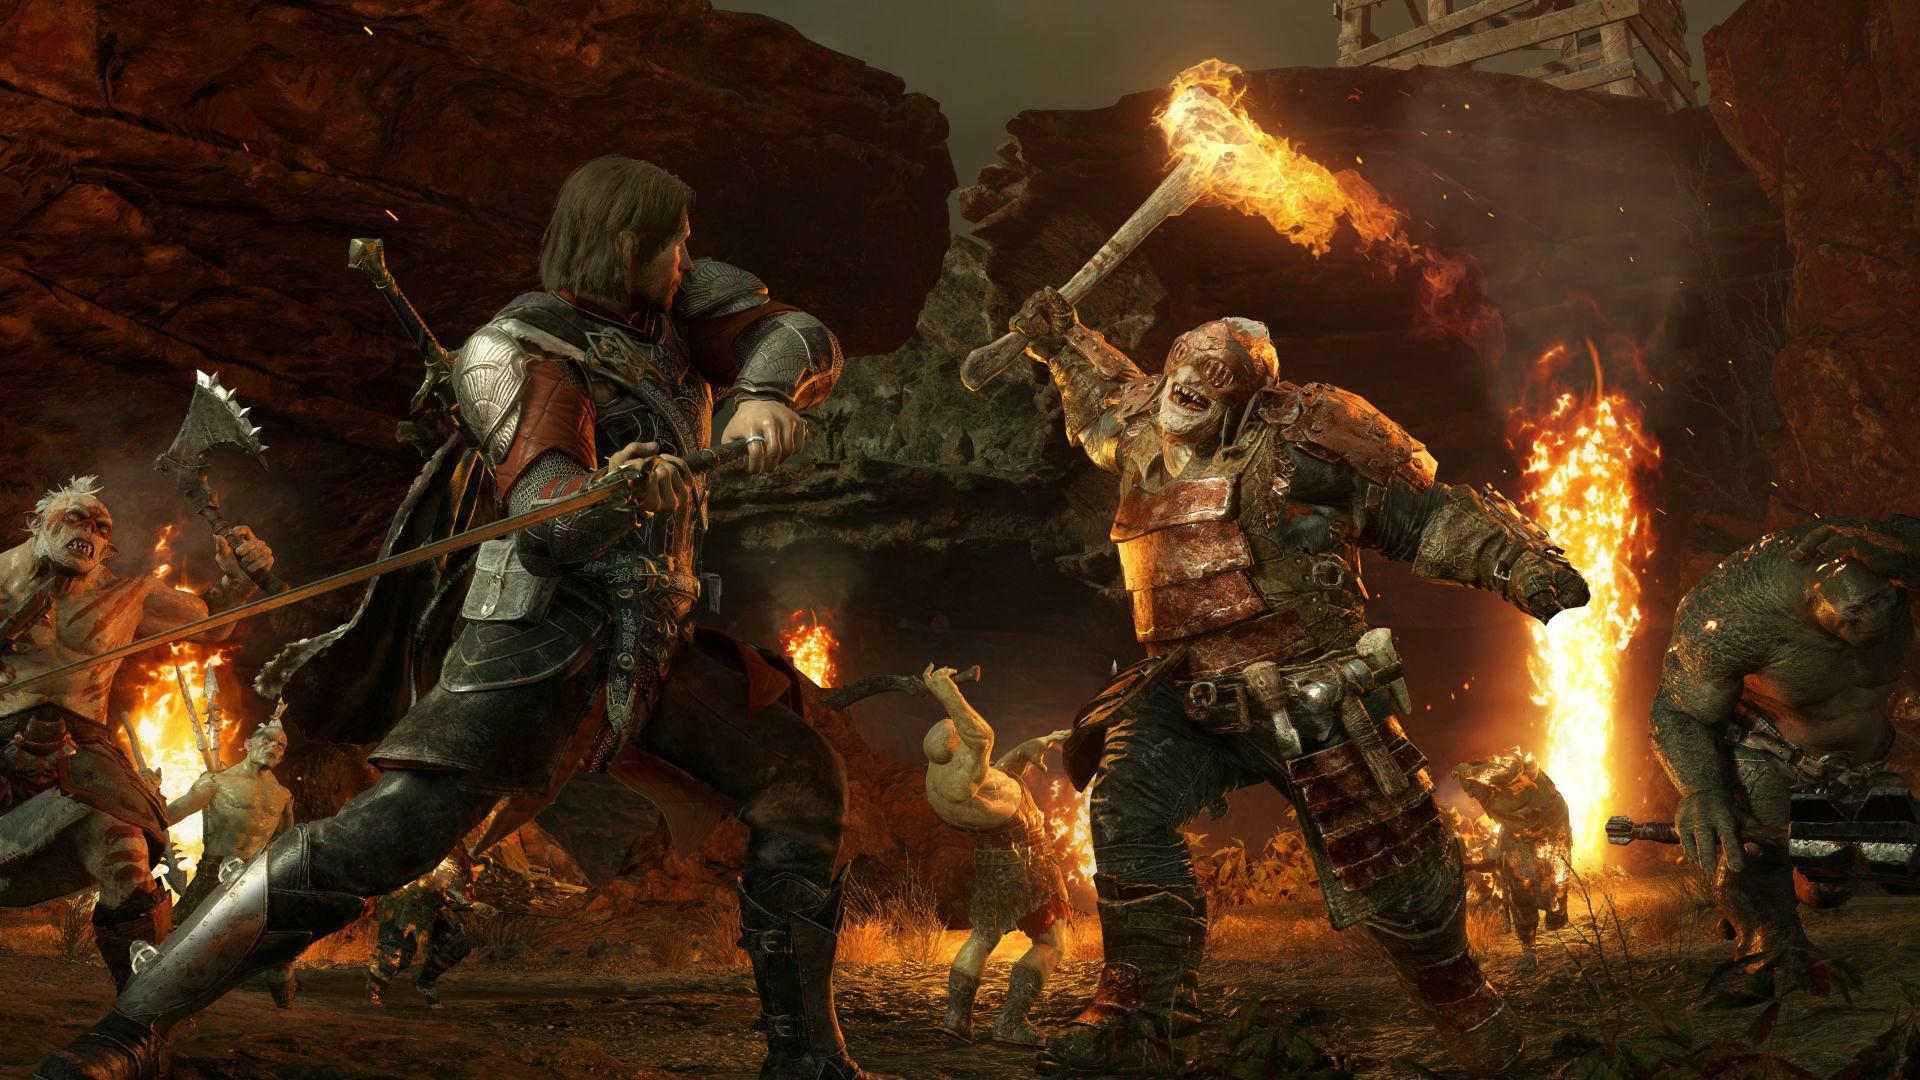 La Tierra Media Sombras de Guerra PS4 Xbox One y PC